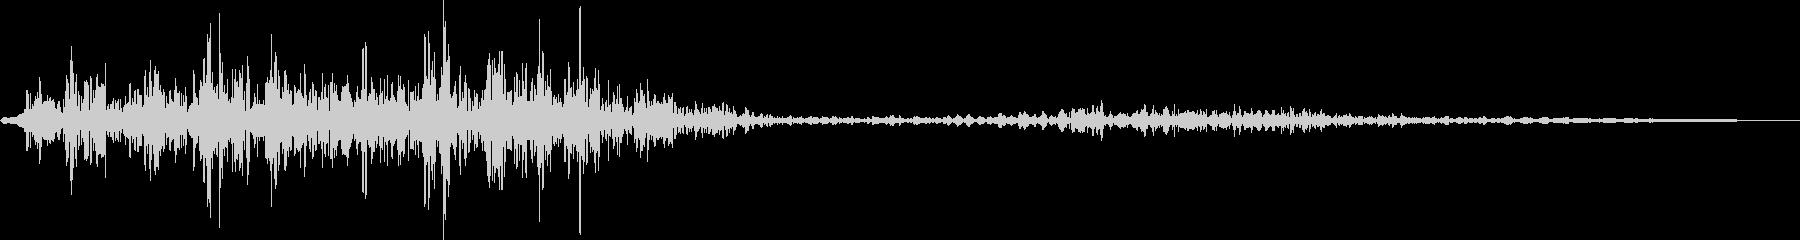 【ゲーム】 環境音 火 属性 14の未再生の波形